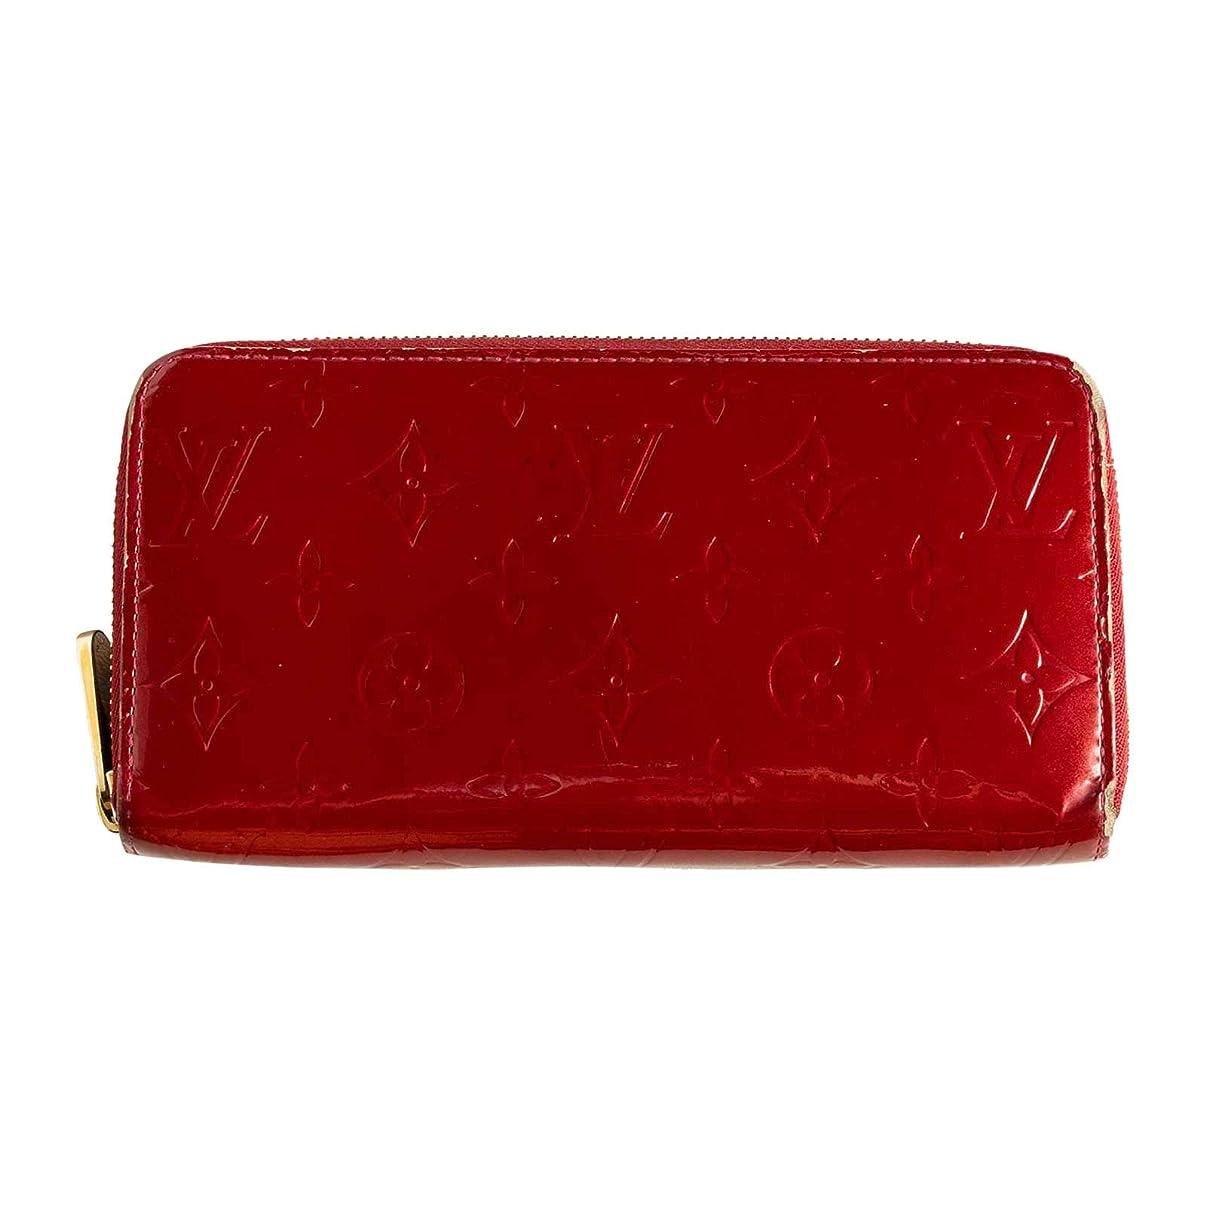 両方引き金傾向(ルイヴィトン) LOUIS VUITTON 長財布 ヴェルニ ジッピーウォレット ポムダムール 濃い赤 M91981